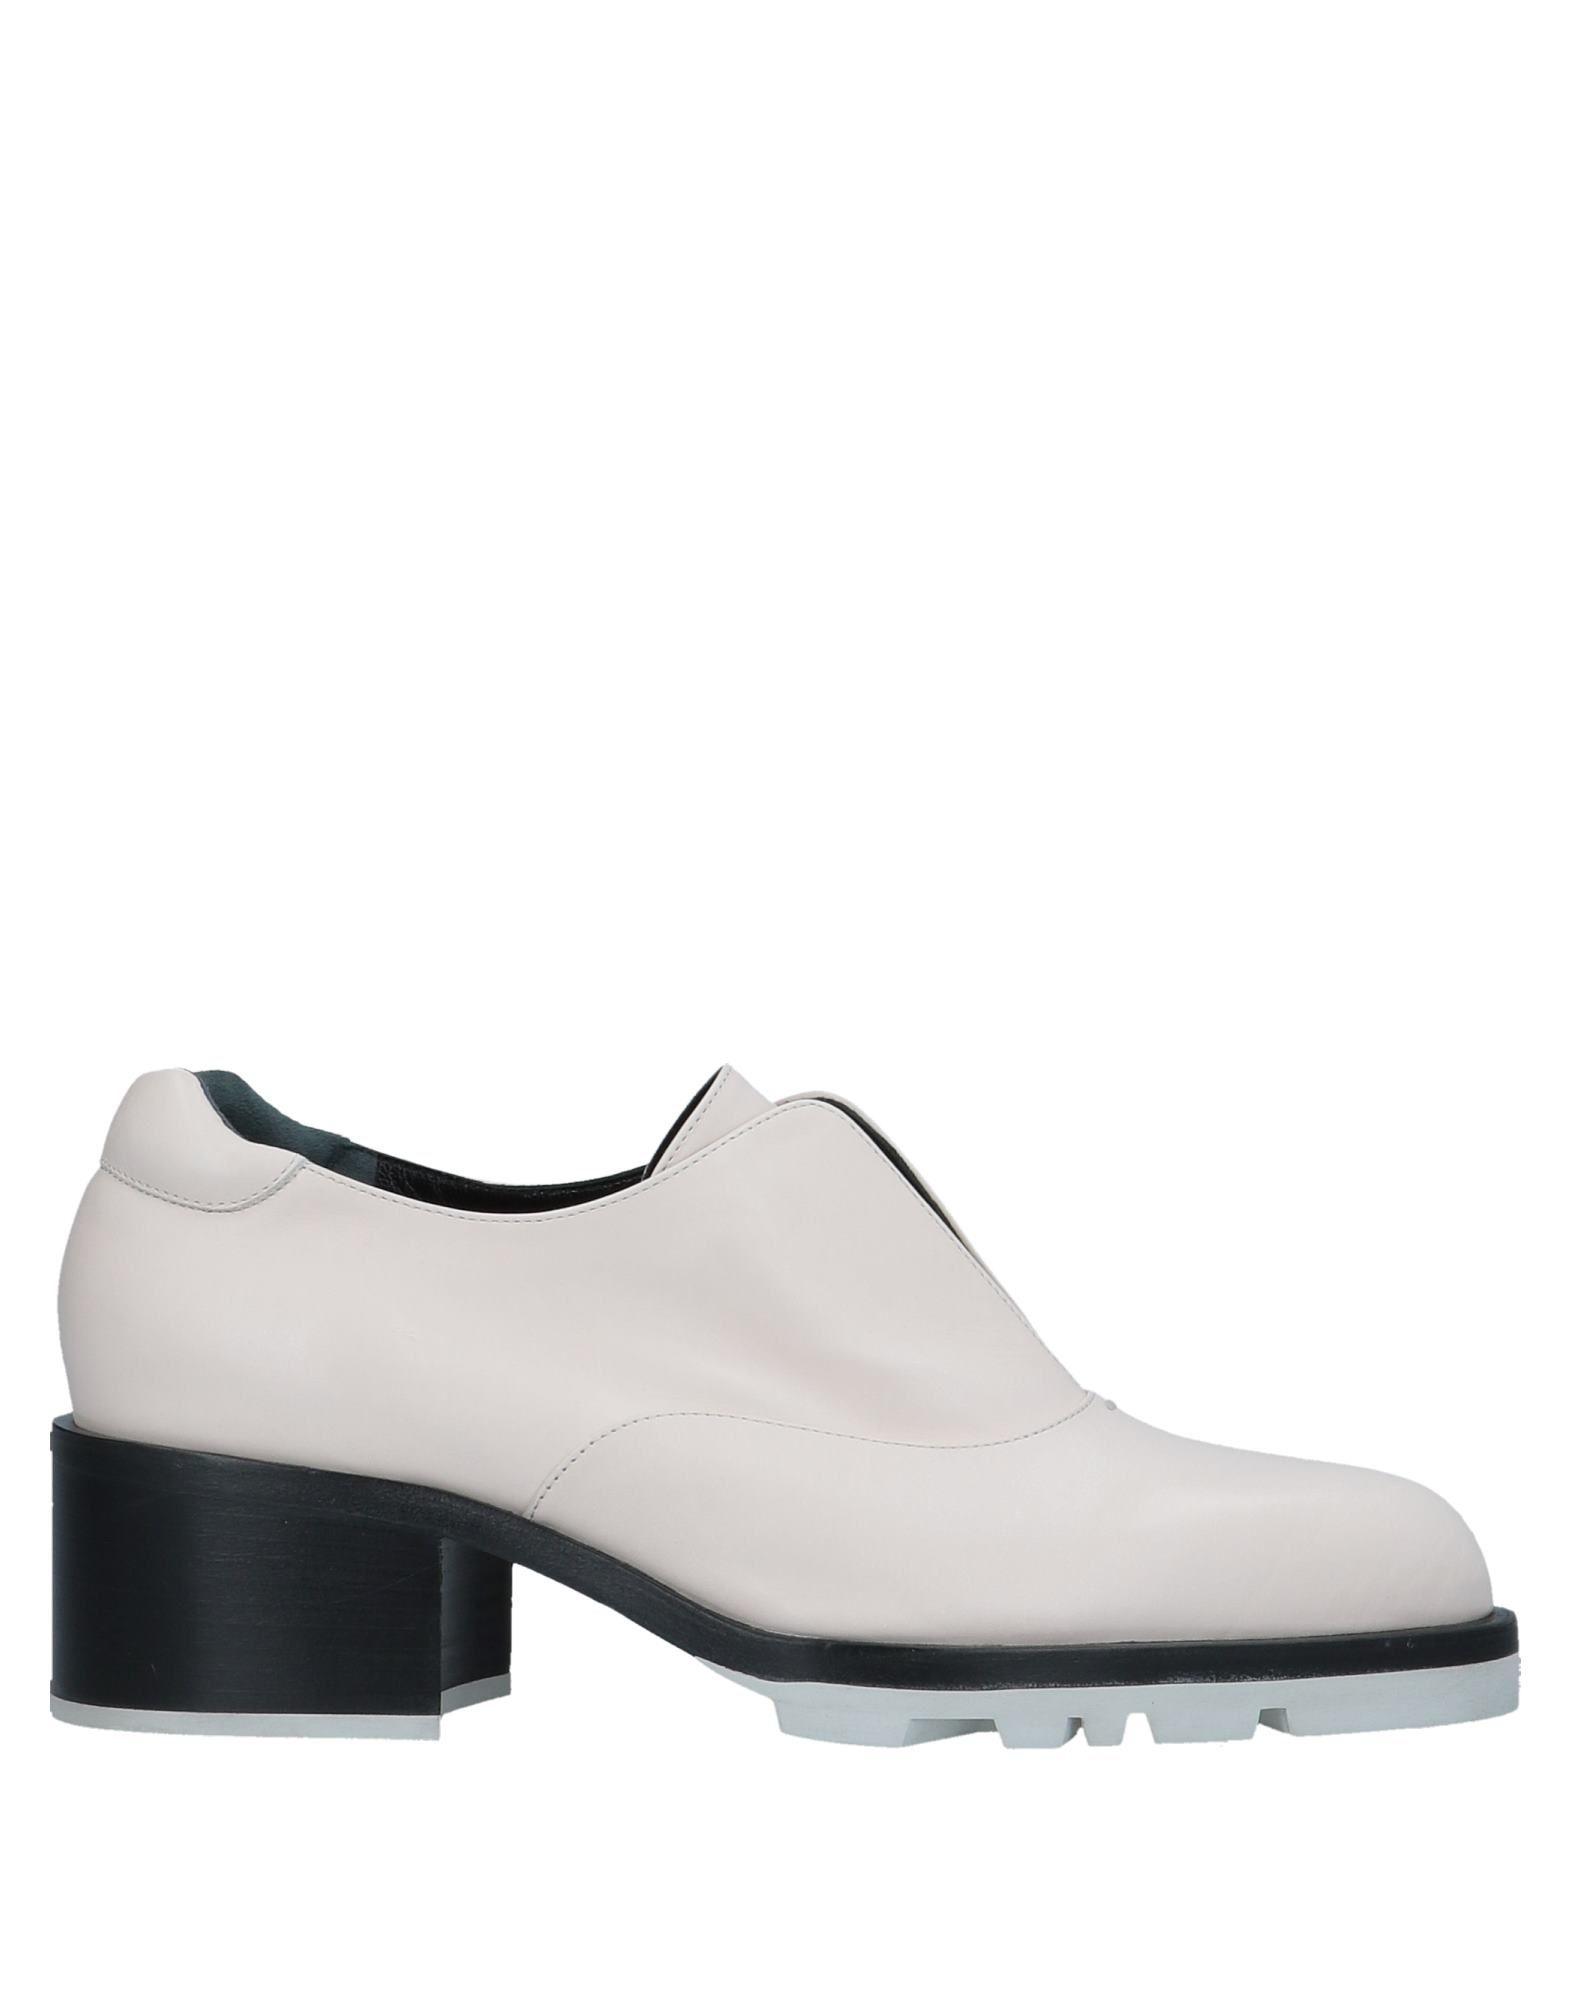 Jil Sander Mokassins Damen  11539633RXGünstige gut aussehende Schuhe